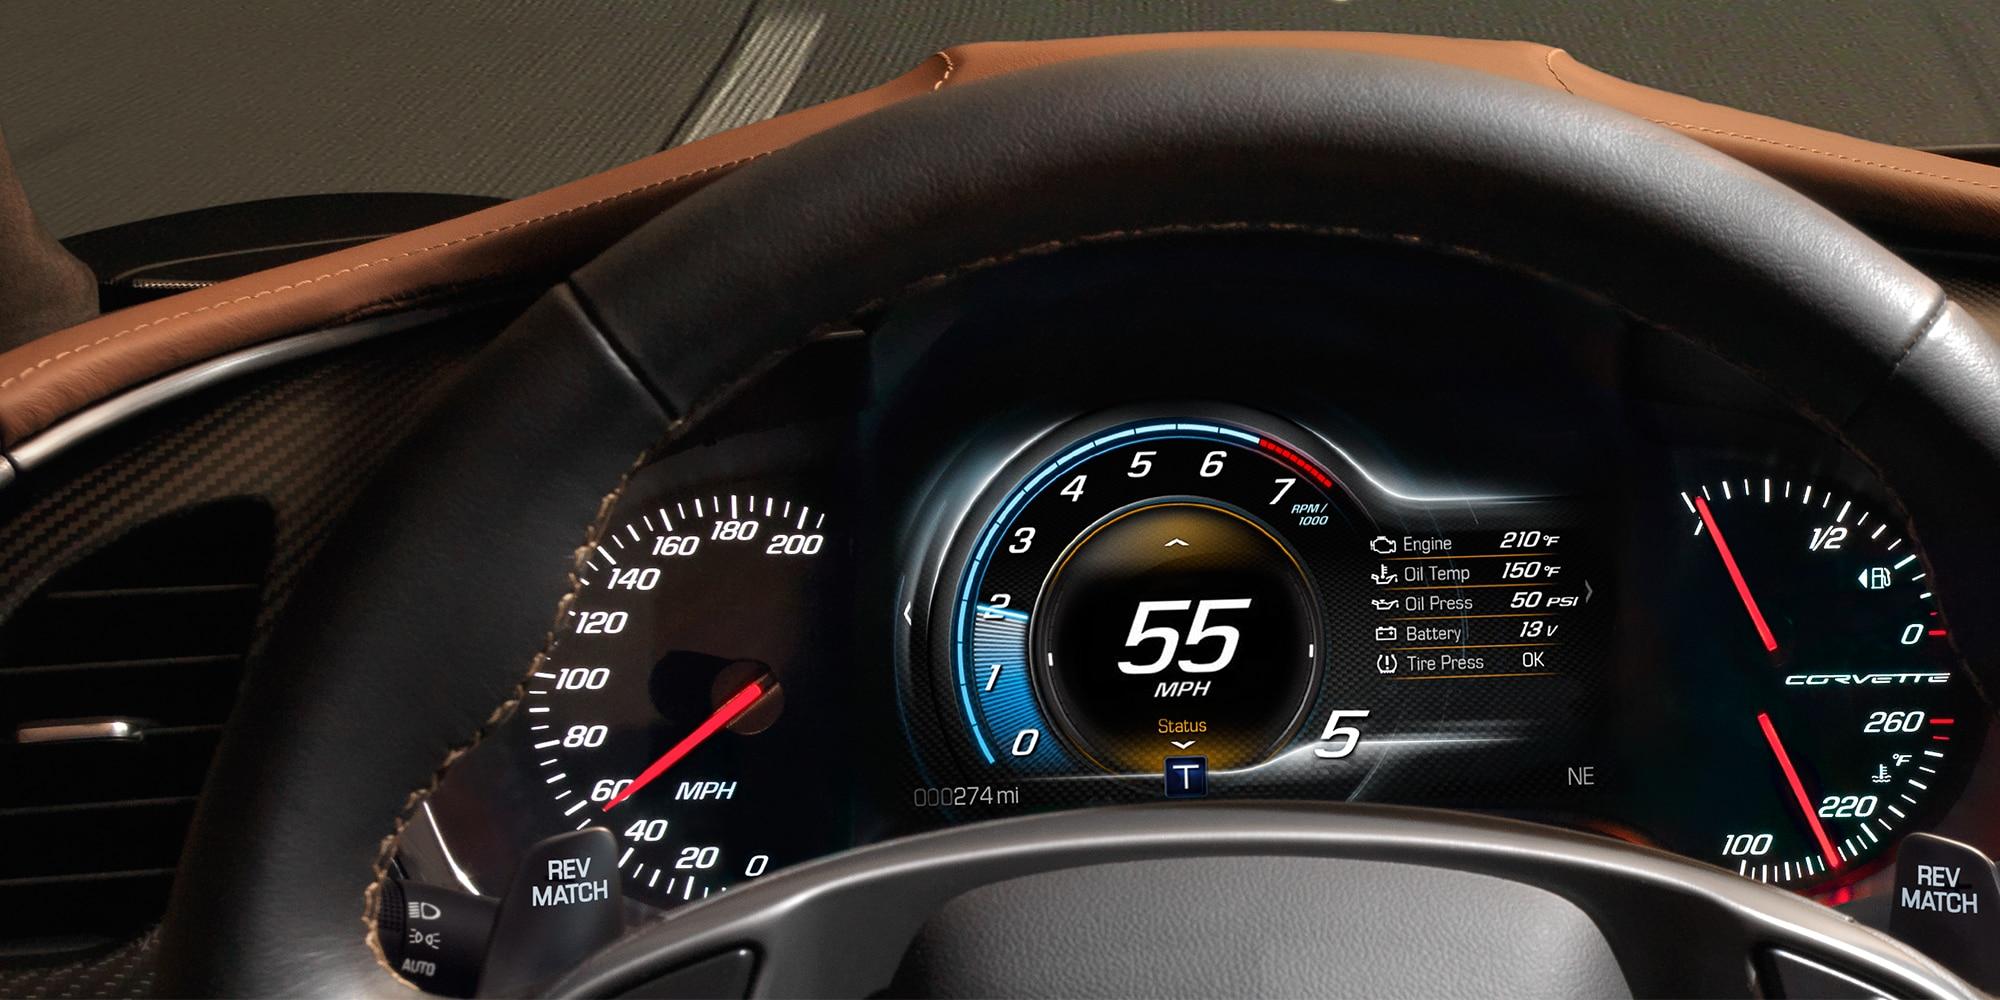 Desempeño del auto deportivo Corvette Stingray 2018: Tablero de instrumentos